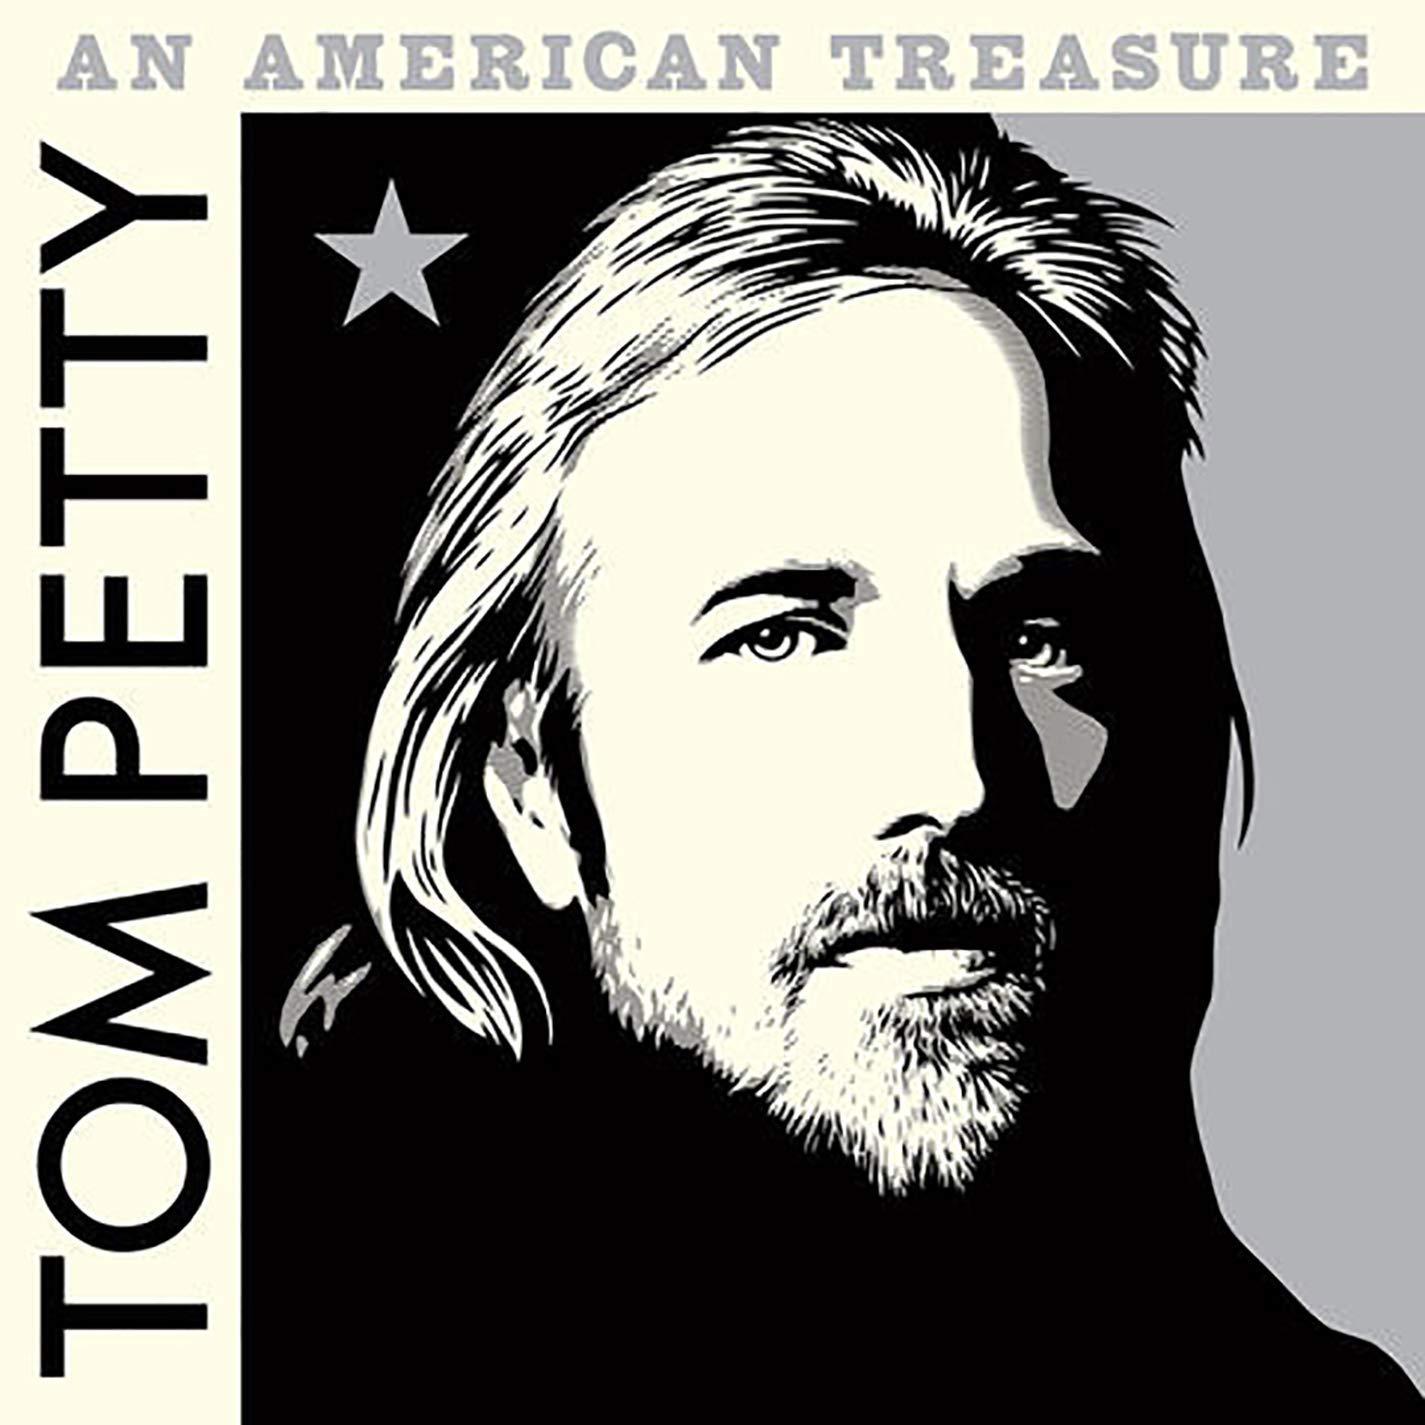 лучшая цена Tom Petty And The Heartbreakers Tom Petty & The Heartbreakers. An American Treasure (2 CD)